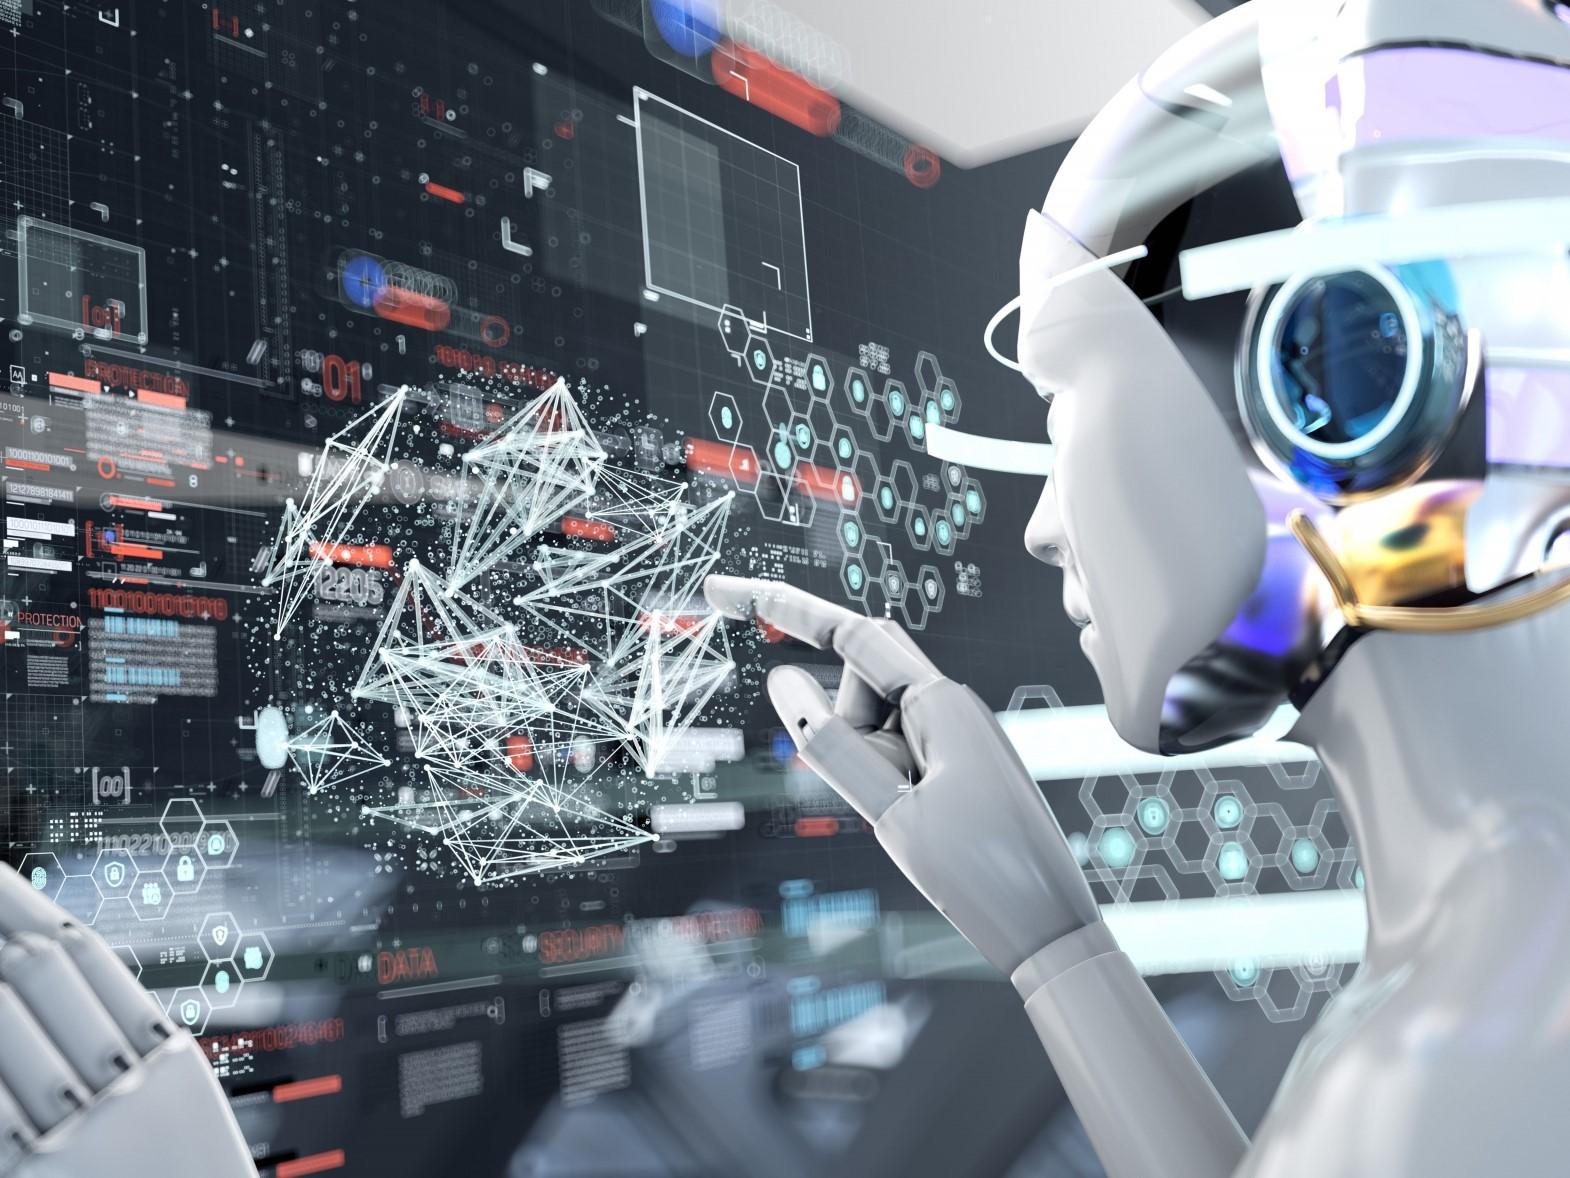 第209話|最近注目を浴びてきた説明可能AI(XAI、Explainable Artificial Intelligence)、ブラックボックスのホワイトボックス化